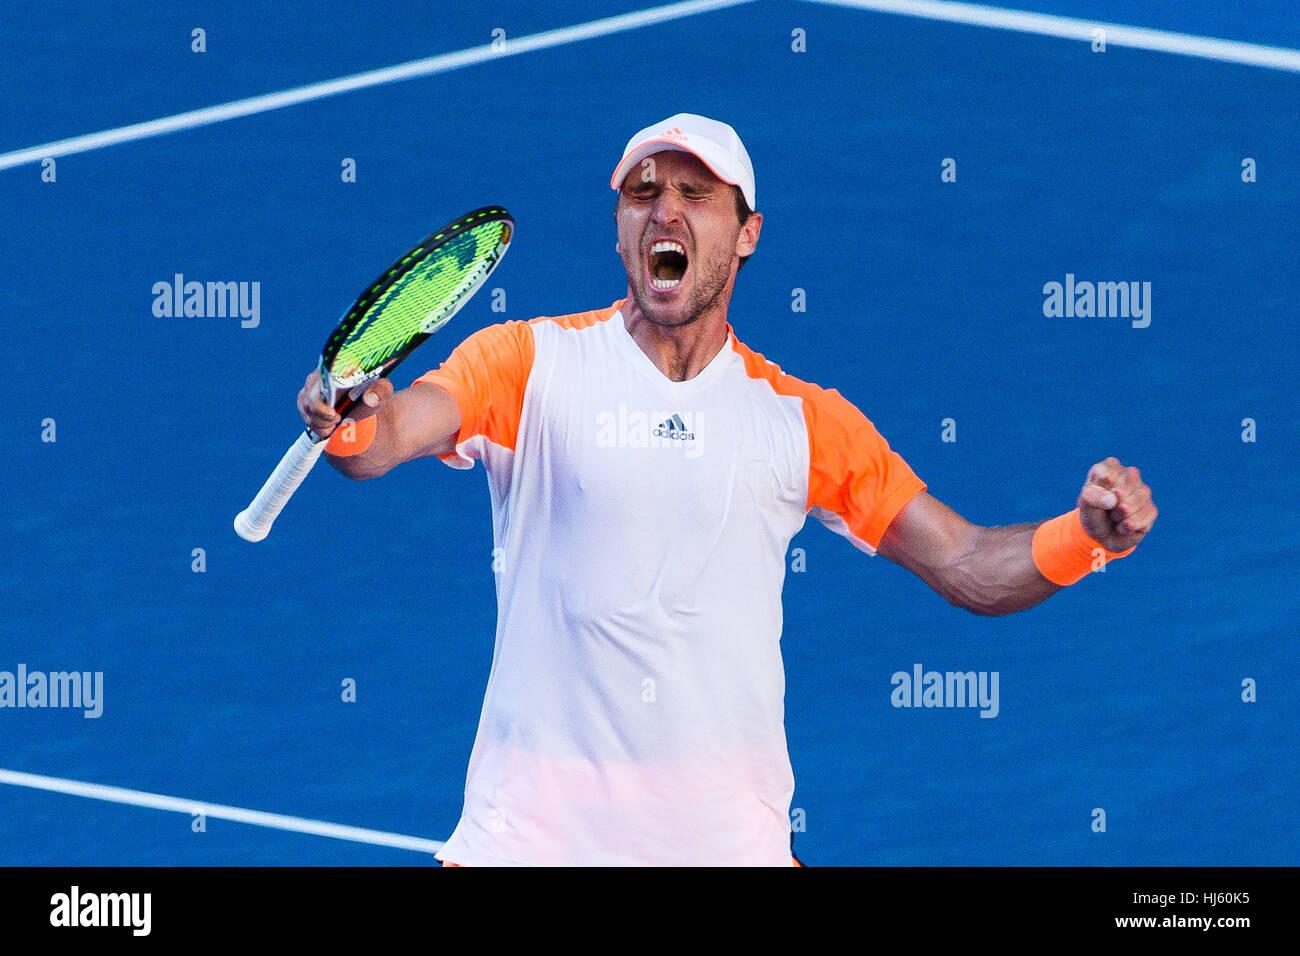 Mischa Zverev de Alemania se apodera de número uno mundial, Andy Murray durante el 2017 Abierto de Australia Imagen De Stock